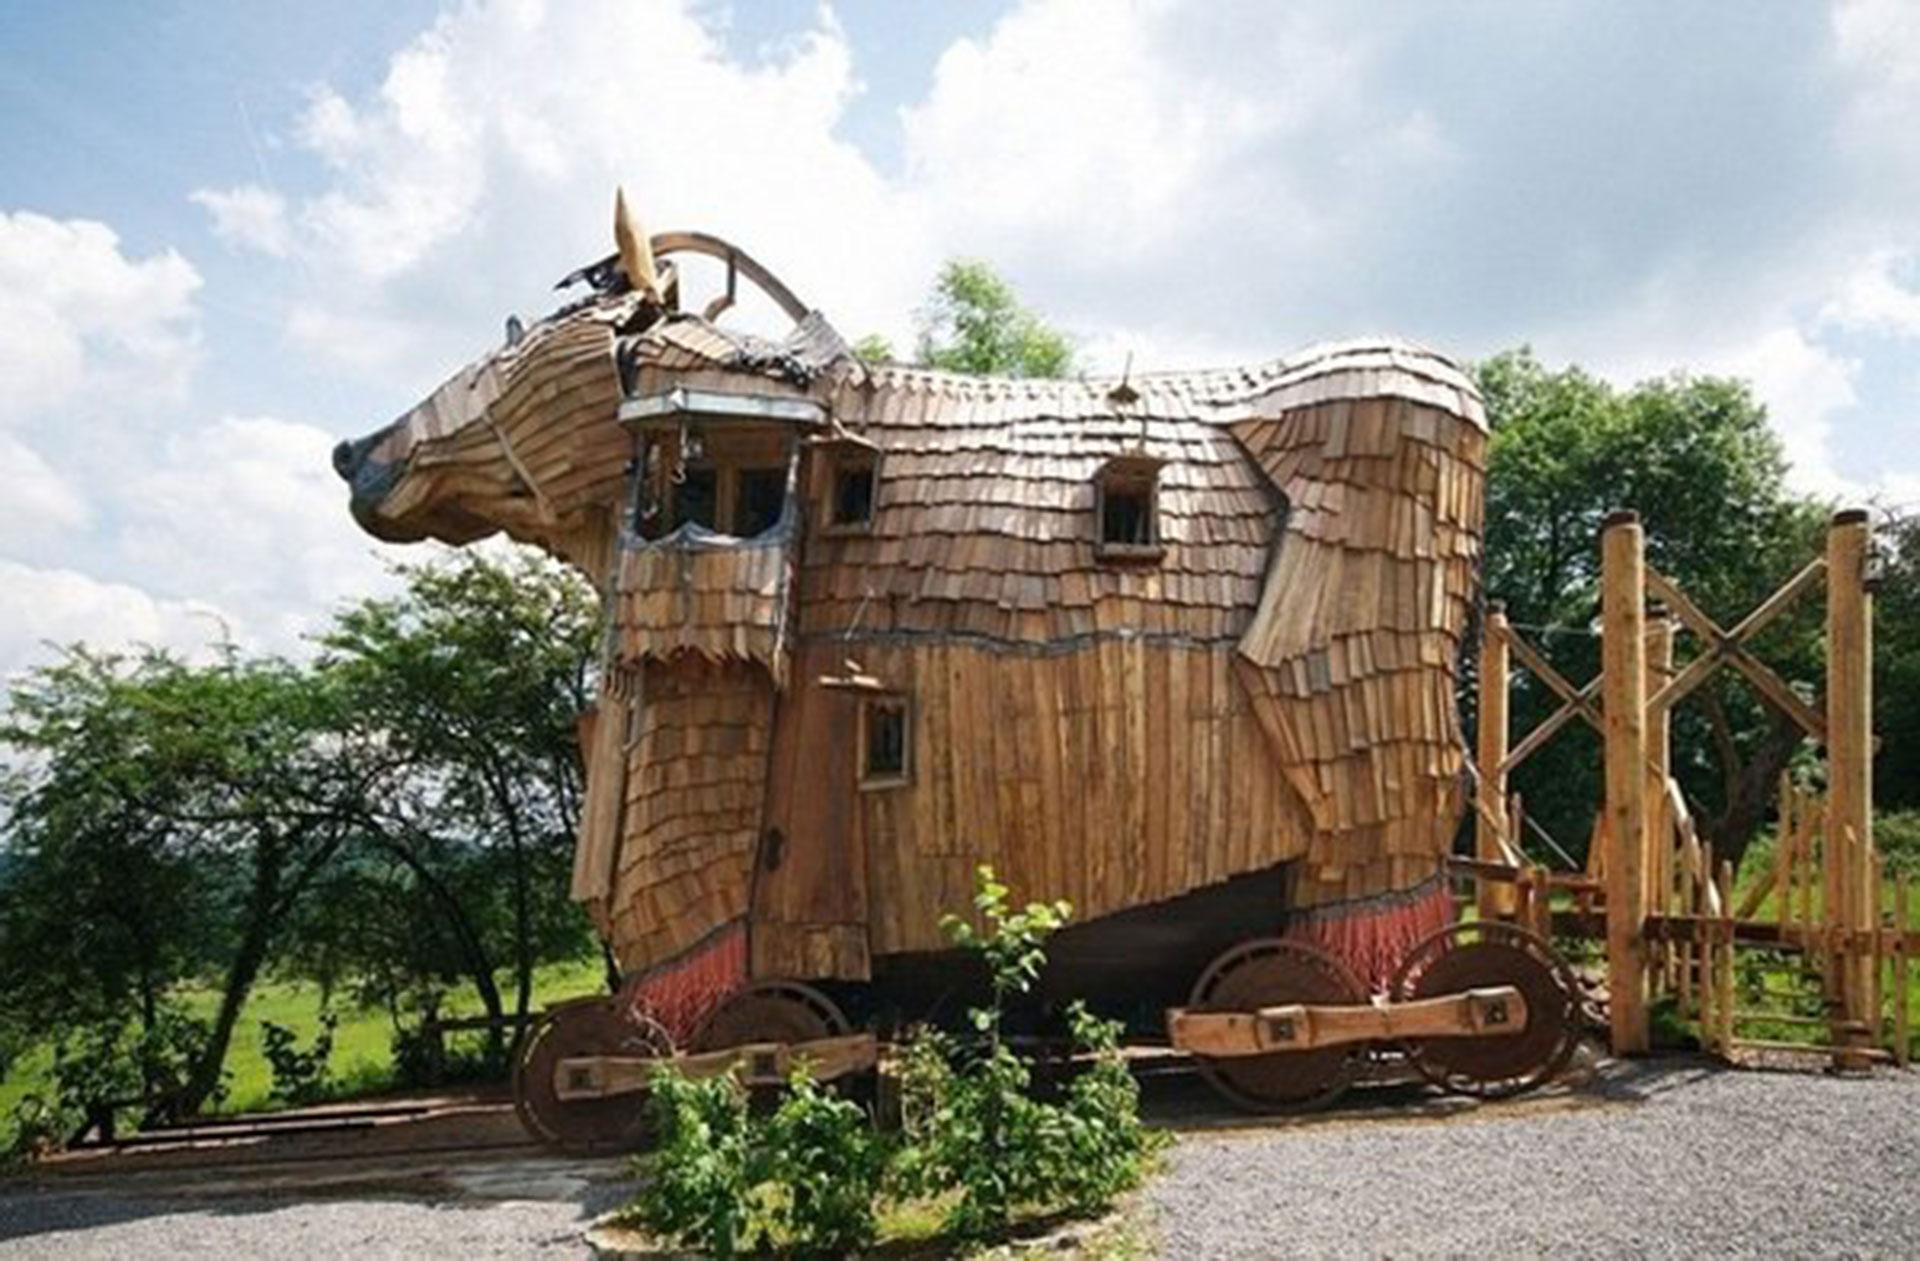 La Balade des Gnomes (Heyd, Bélgica). Tiene una suite Caballo de Troya, aunque con la forma de un toro. También tiene habitaciones ambientadas en el universo de los cuentos de hadas